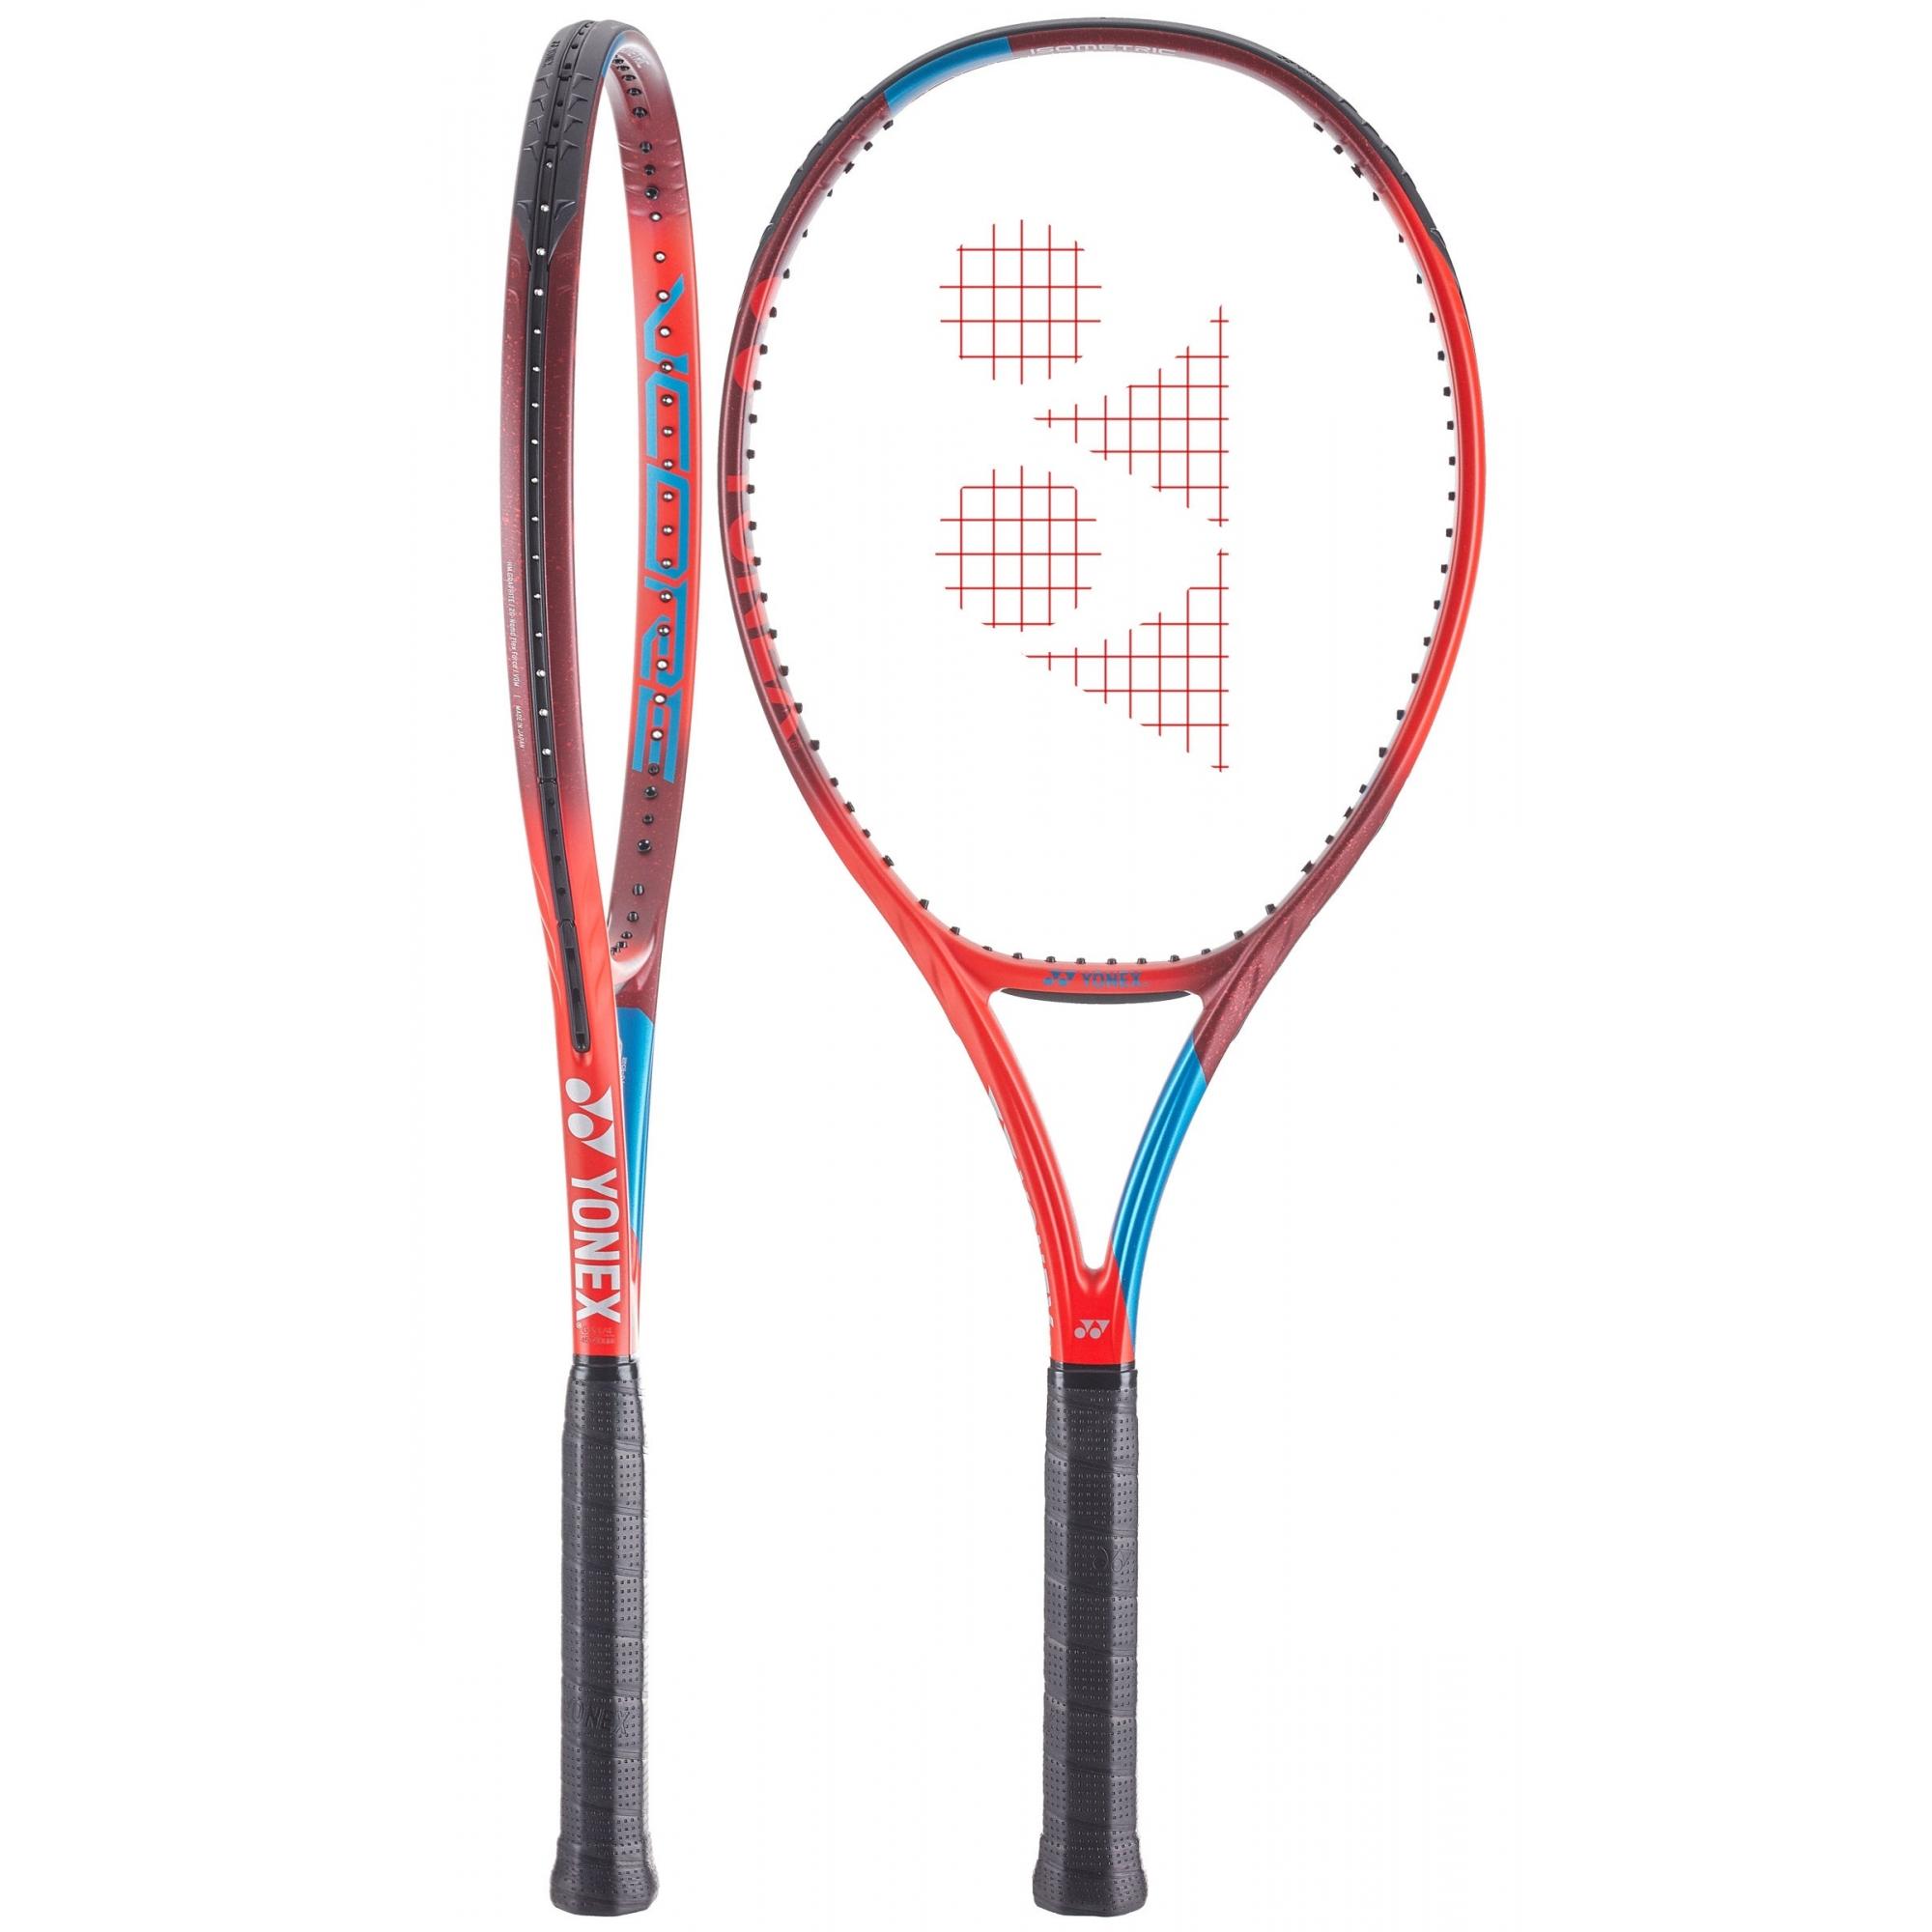 Raquete de Tênis Yonex Vcore 100 - 300g - 2021  - PROTENISTA